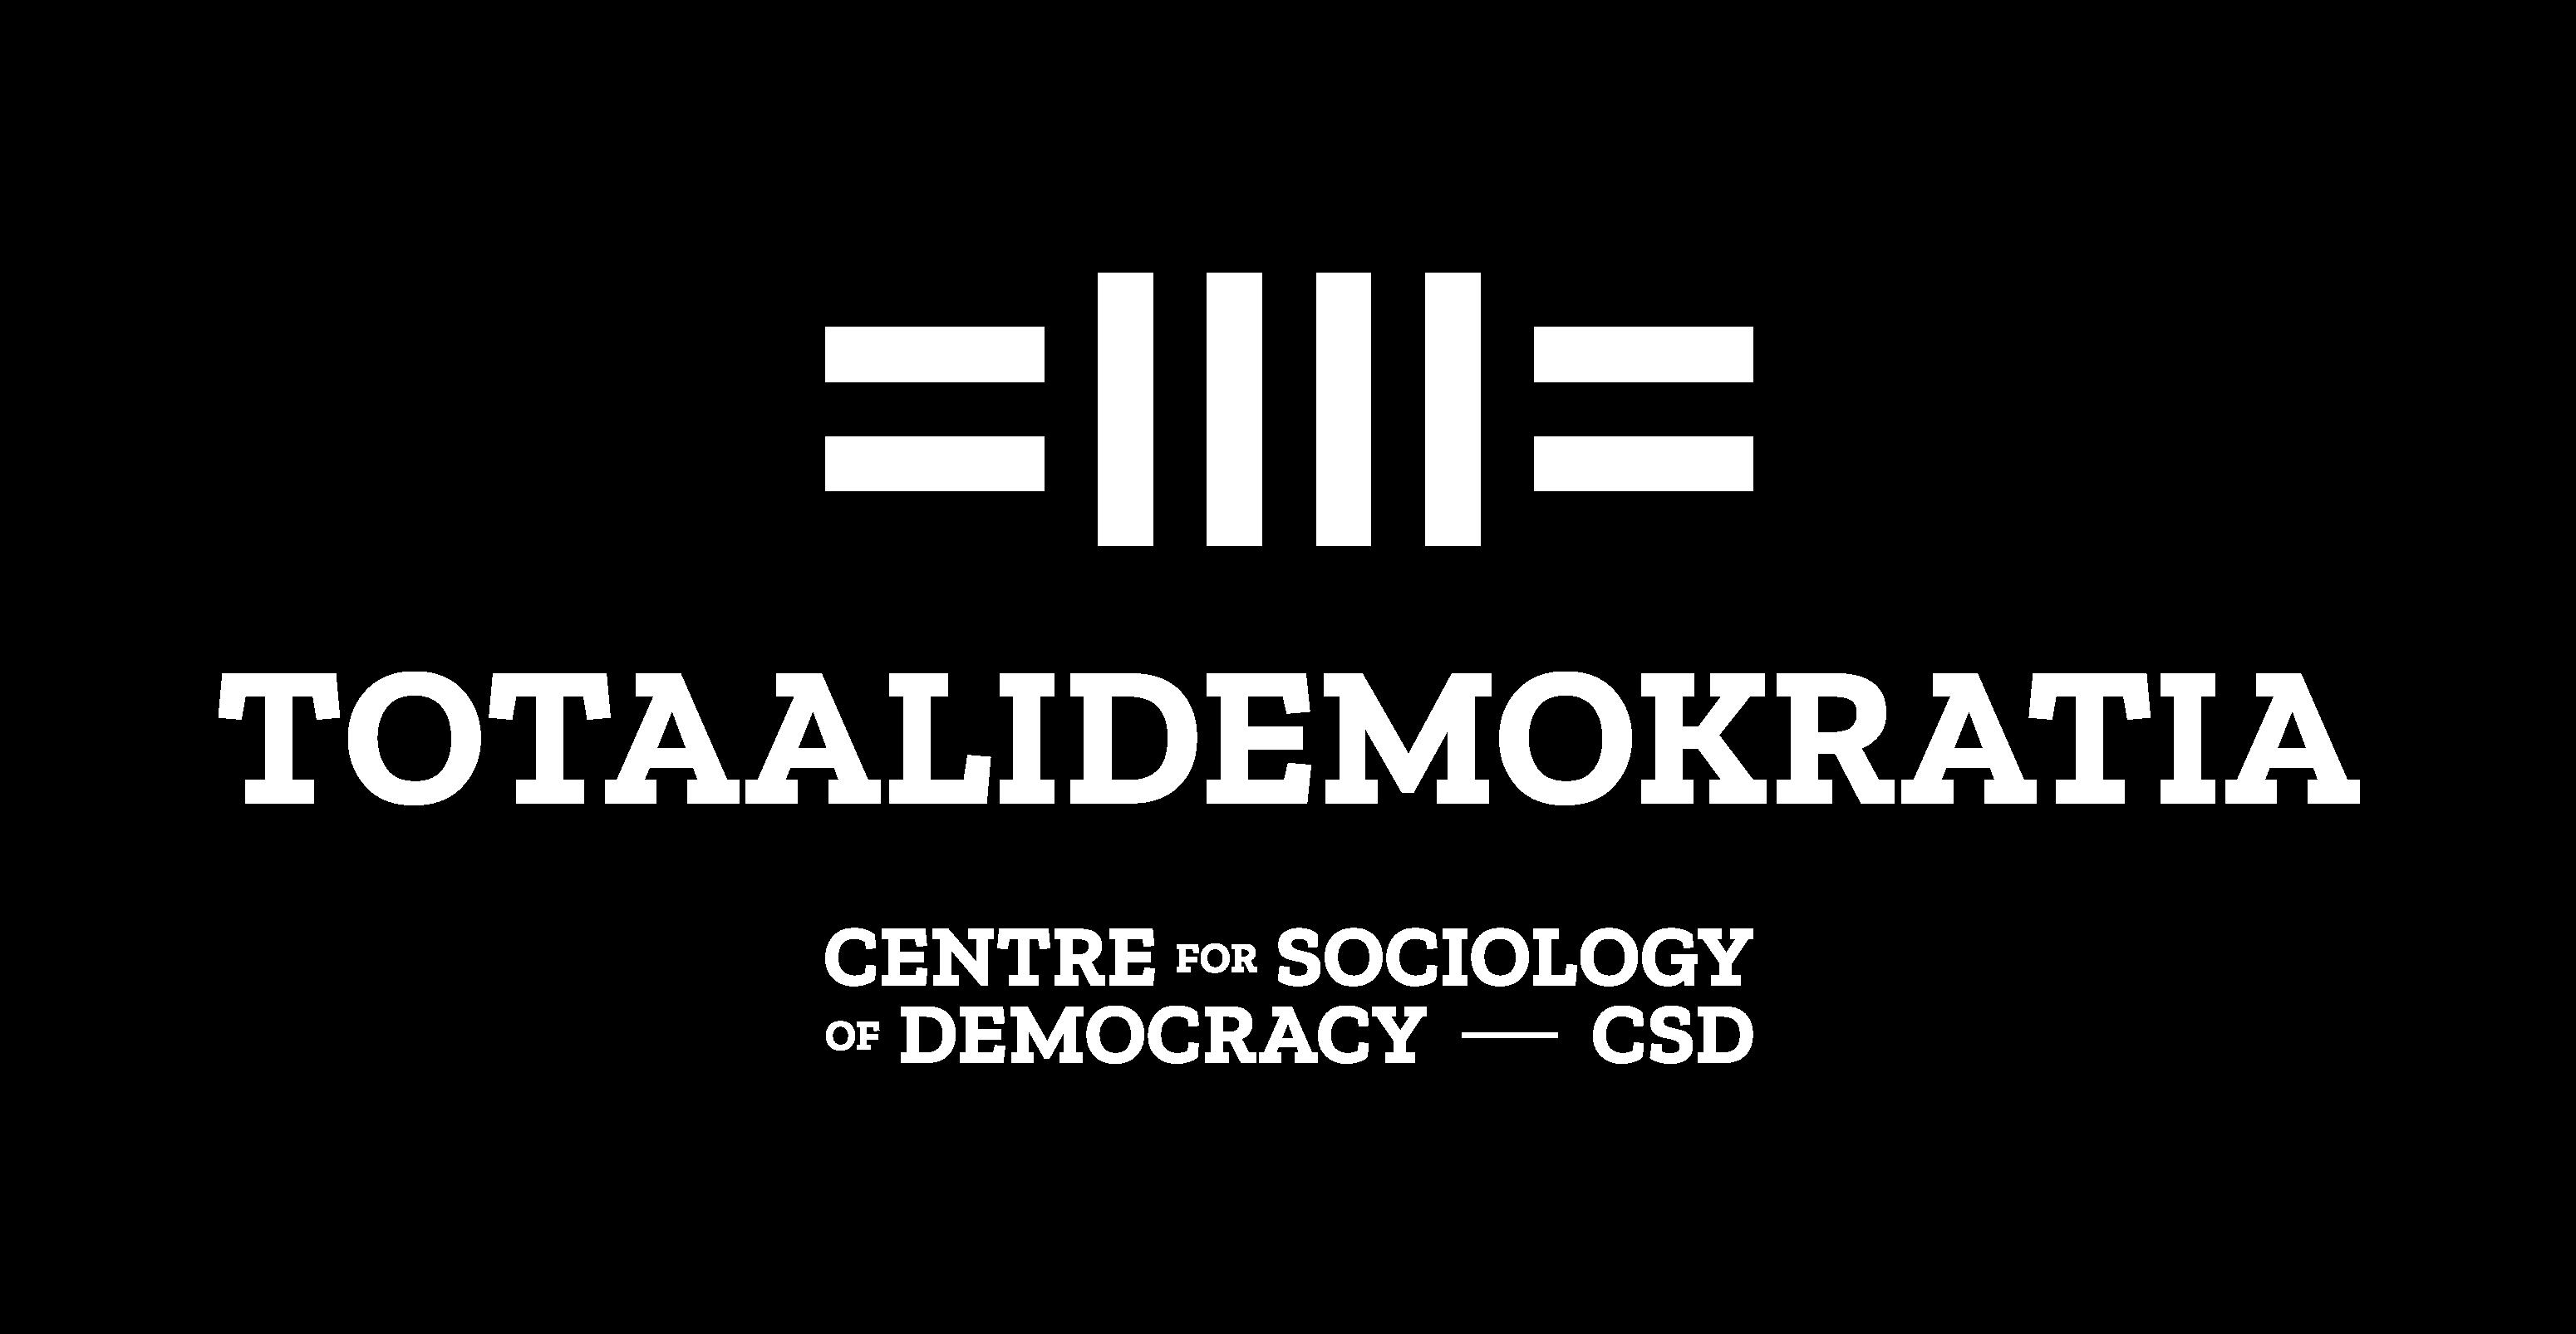 Totaalidemokratia logo